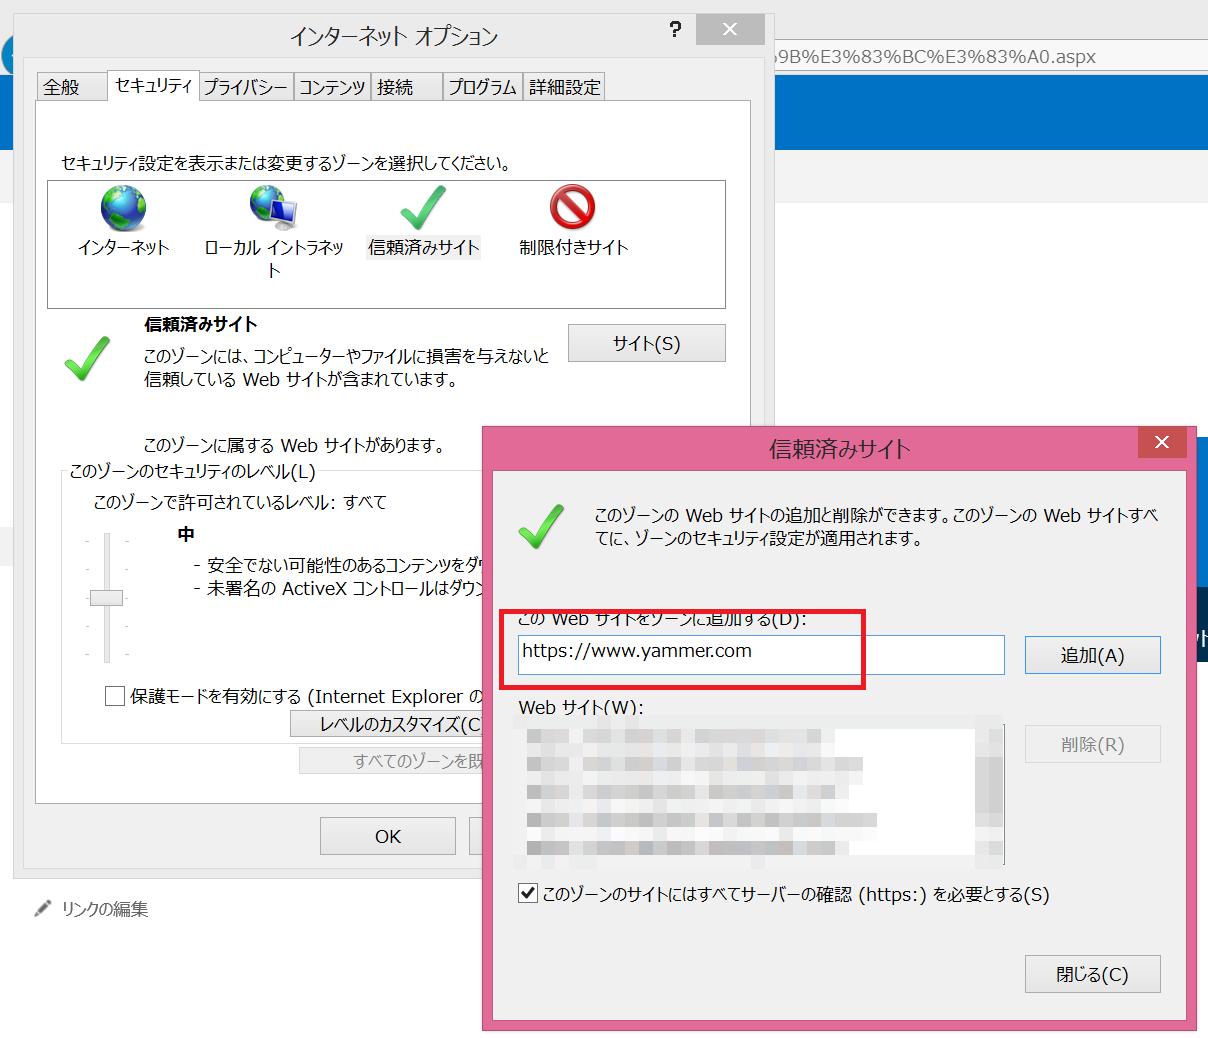 IE11 で yammer Webパーツが動作しないときの対応